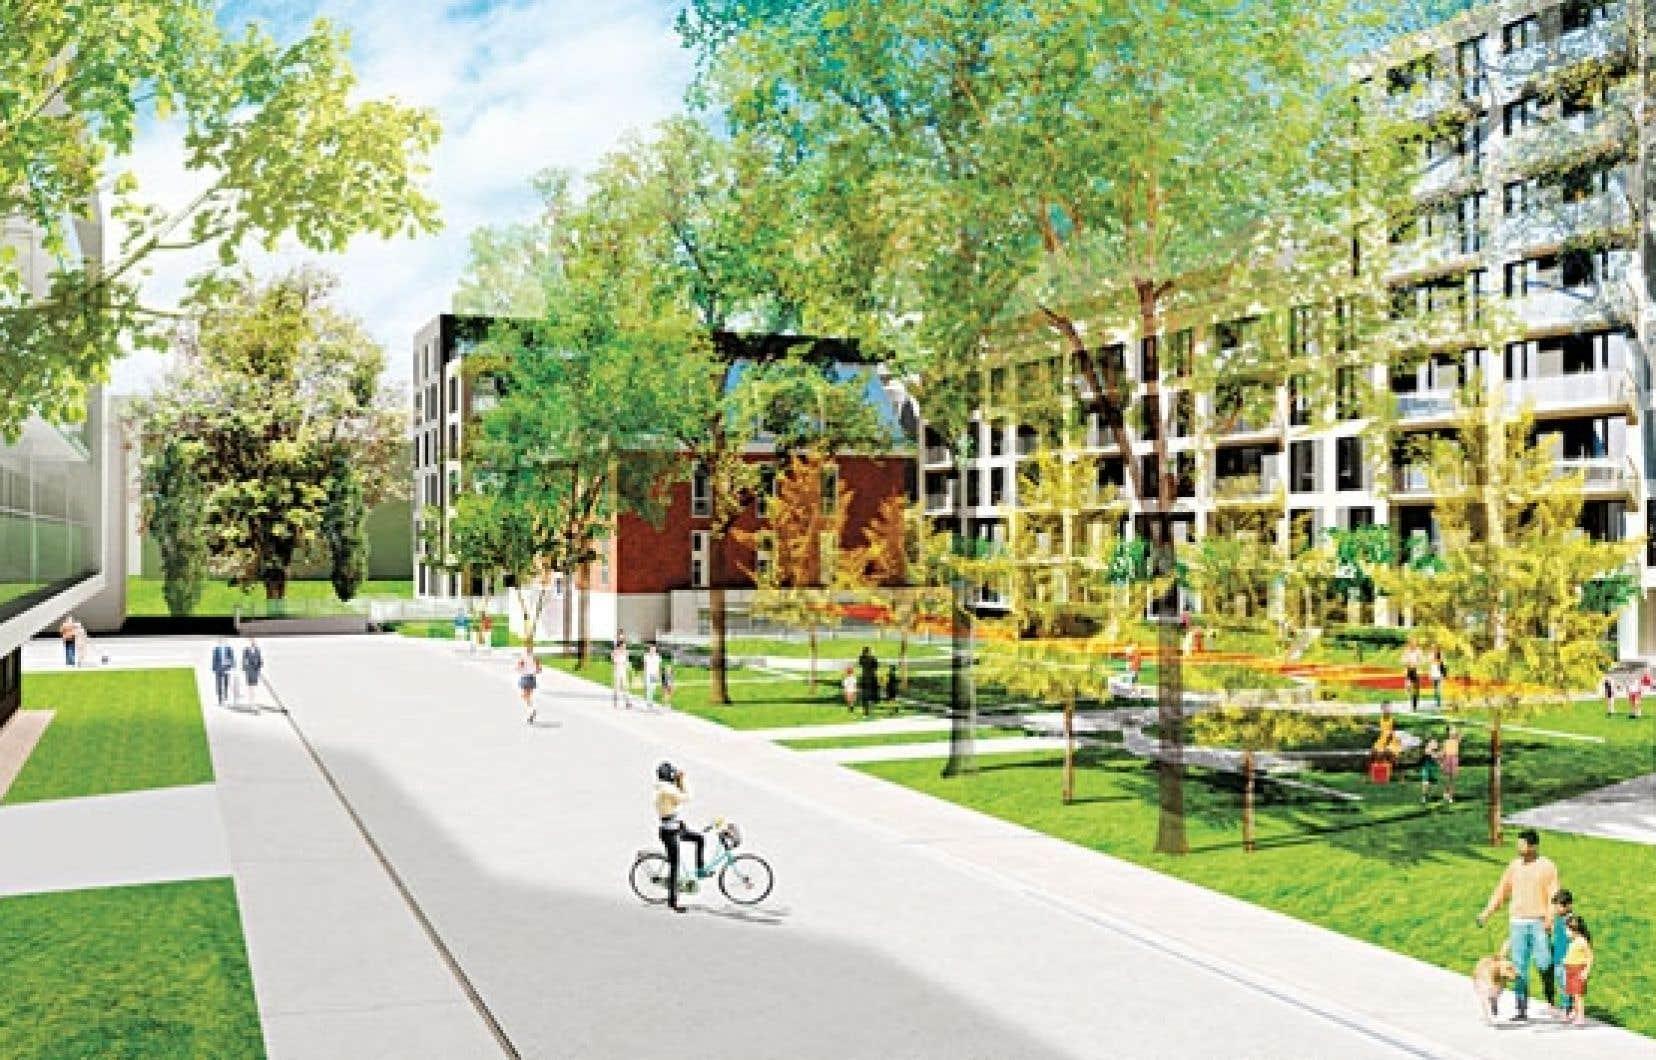 Le projet U31 favorise la vie communautaire